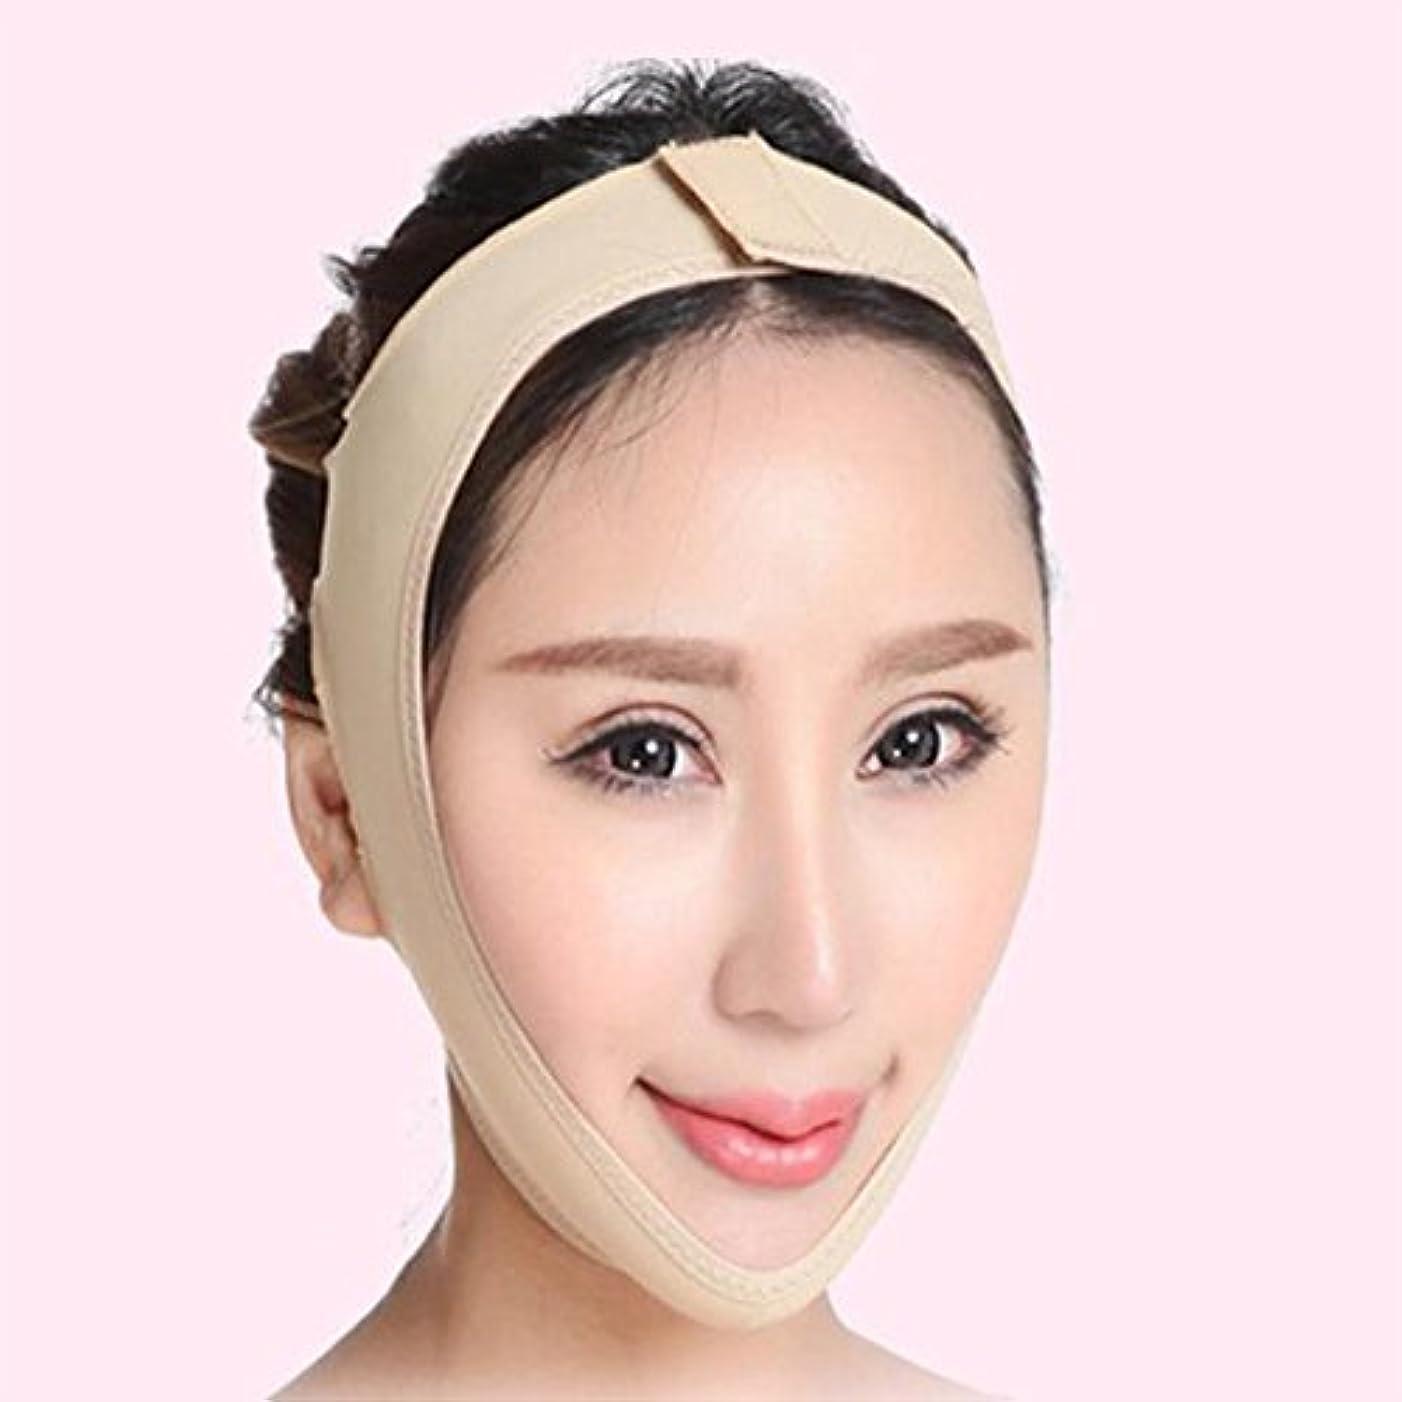 素晴らしさ機知に富んだ責任SD 小顔 小顔マスク リフトアップ マスク フェイスライン 矯正 あご シャープ メンズ レディース Lサイズ AZD15003-L